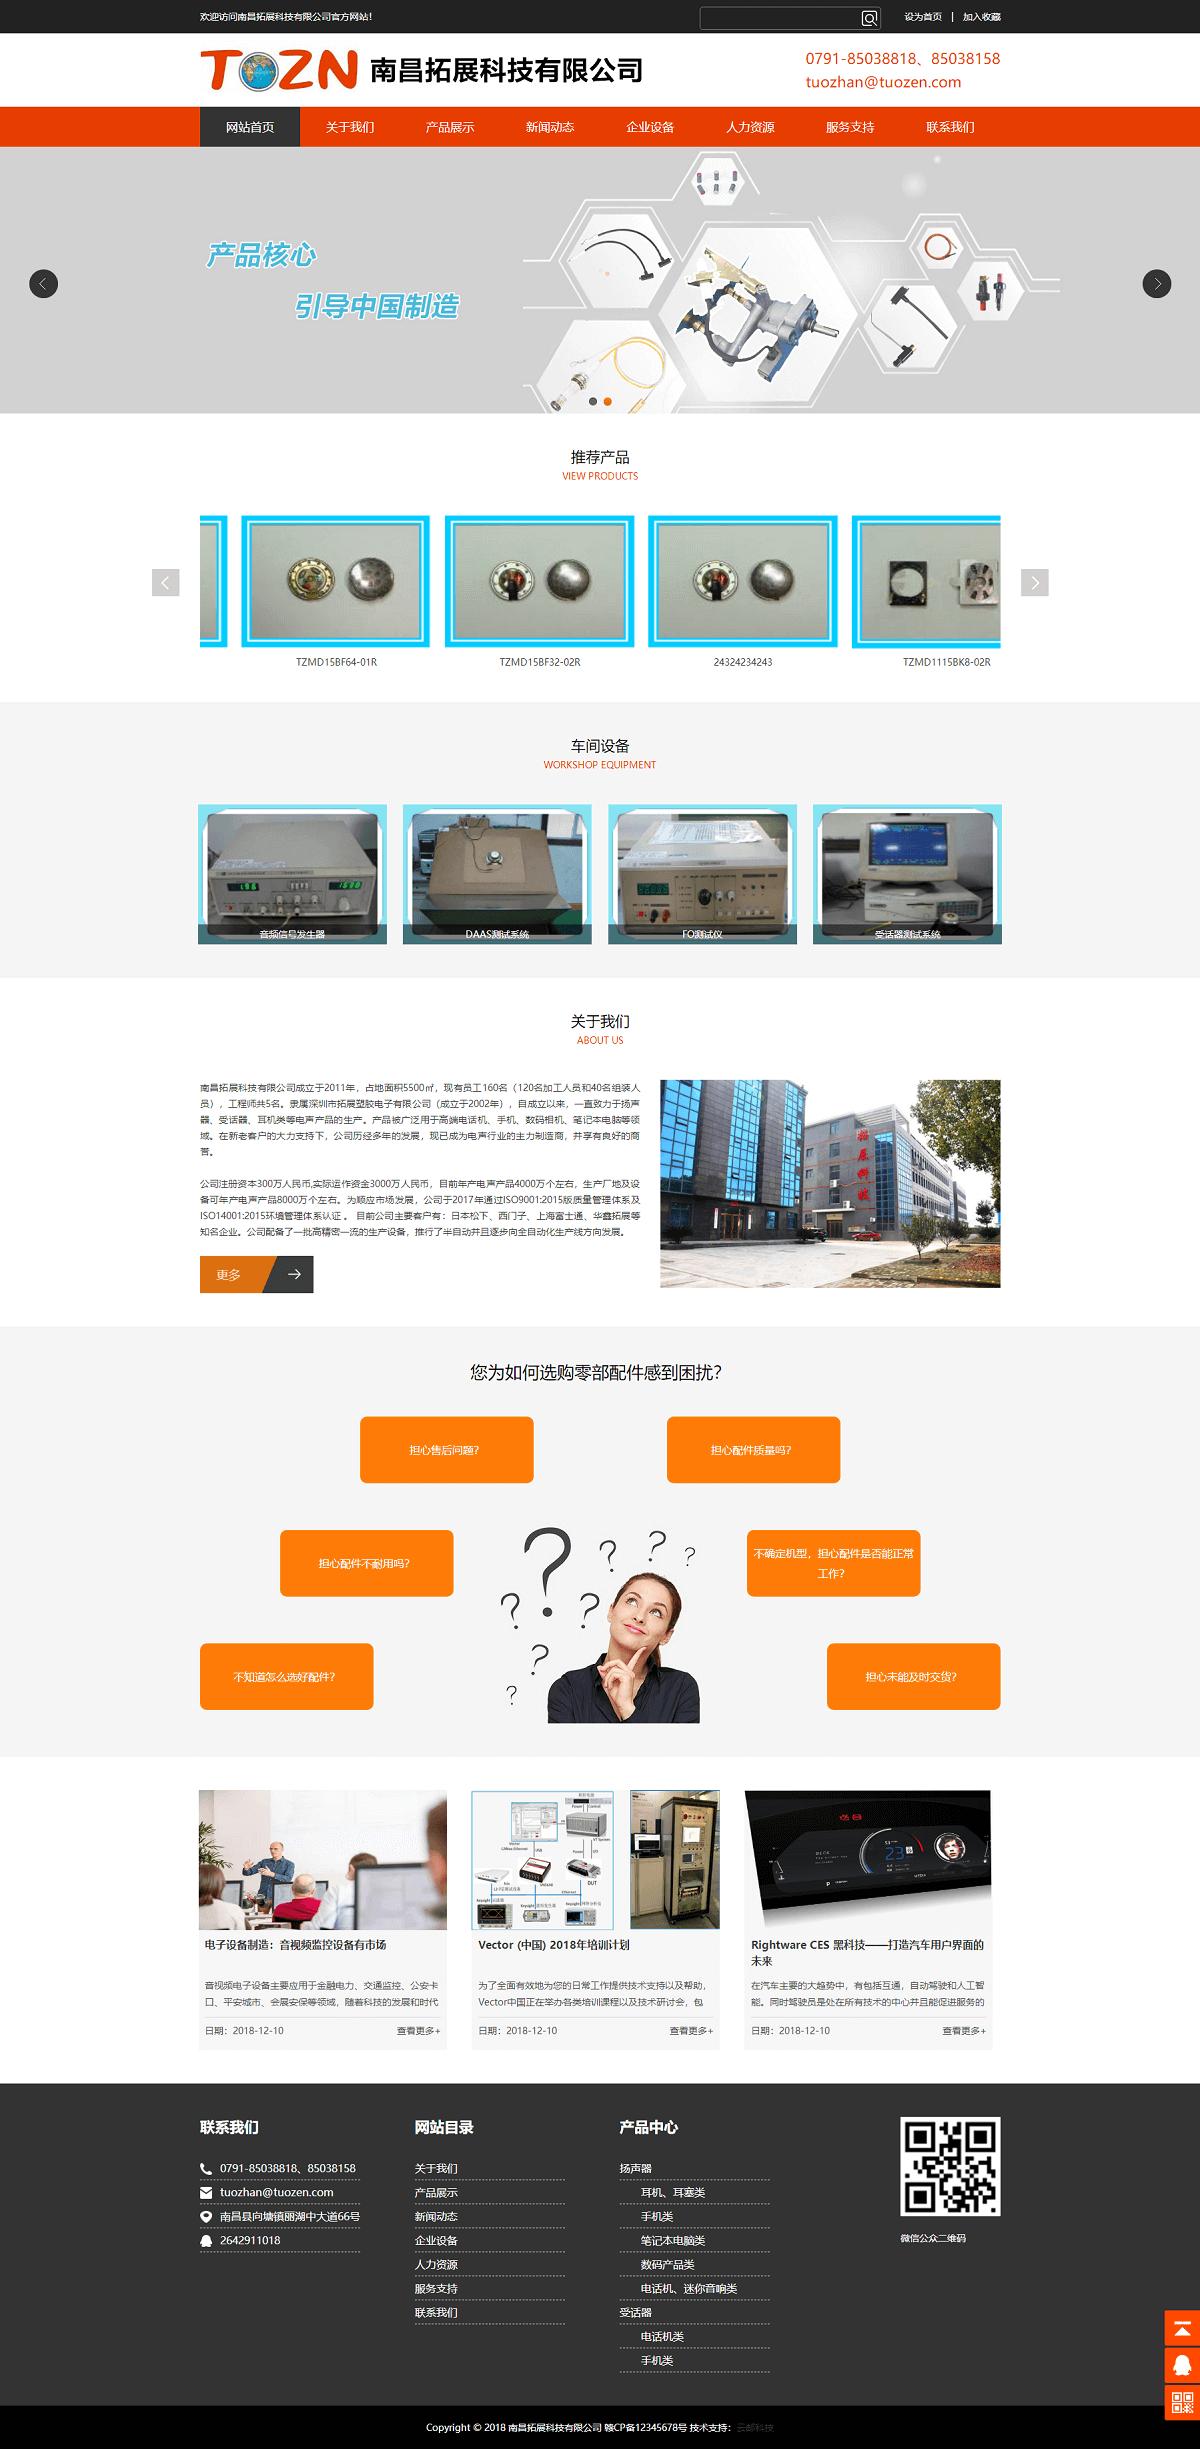 南昌拓展科技有限公司 (2).png